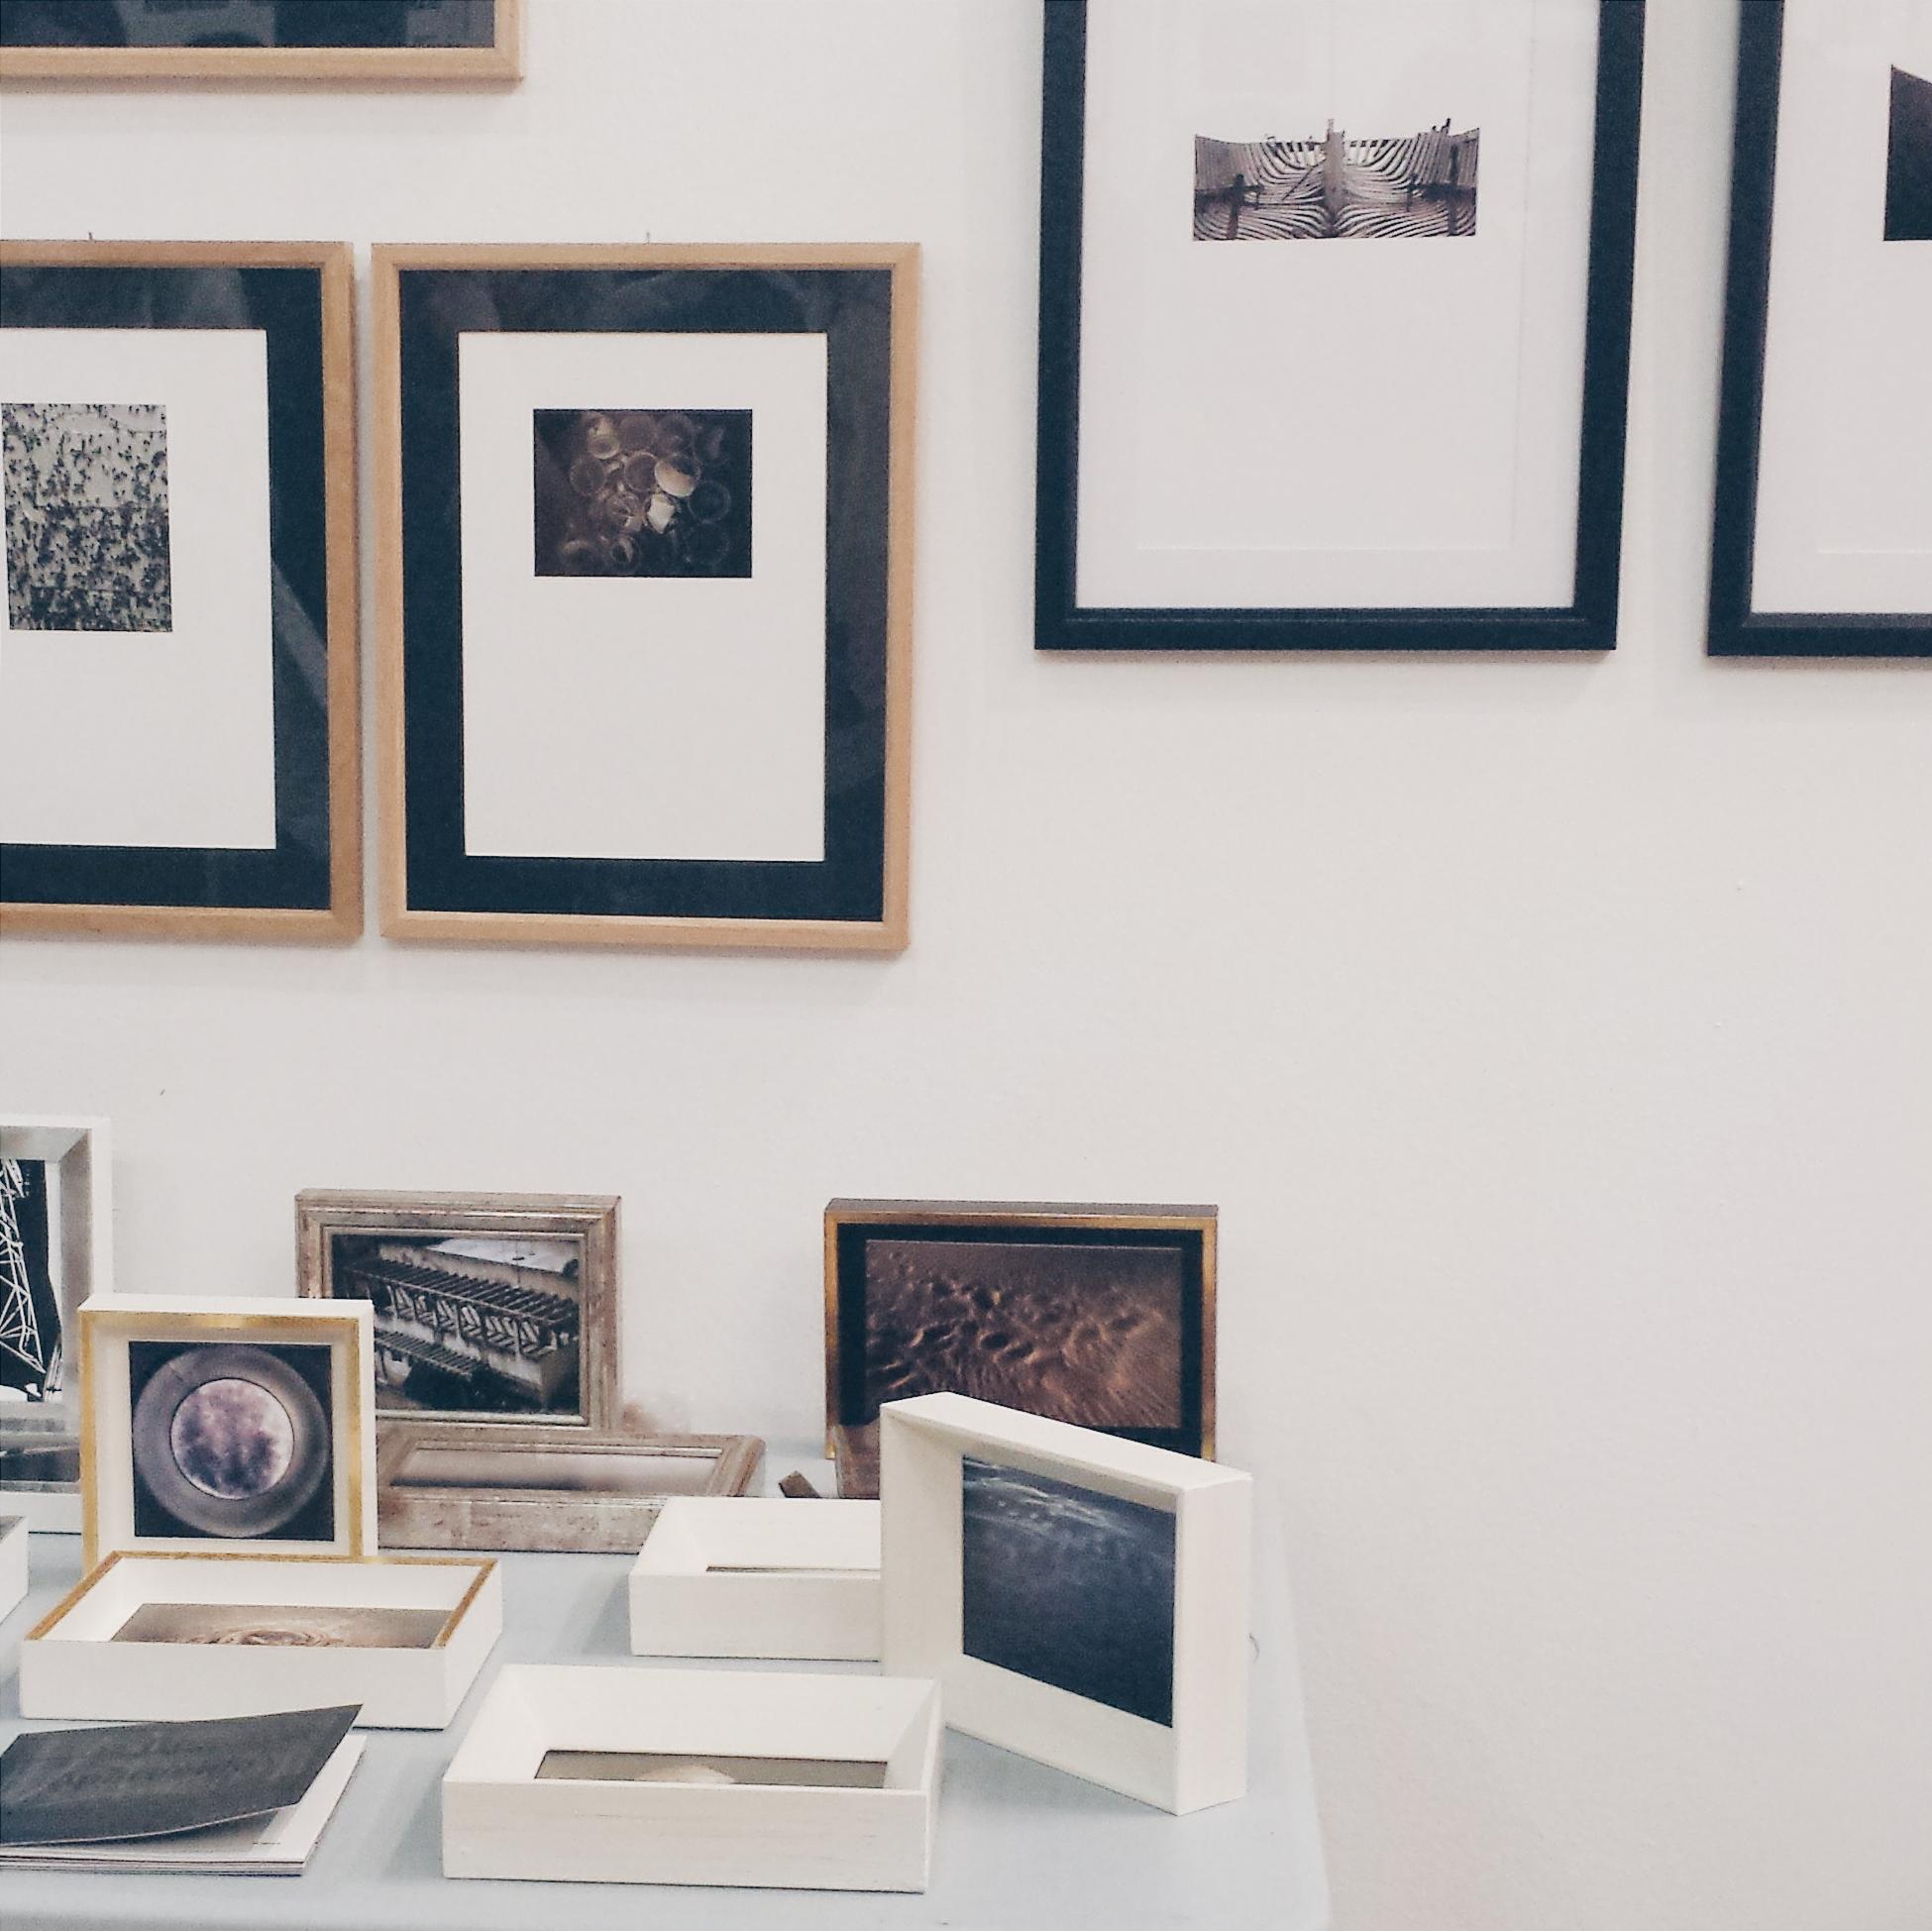 fotografías expuestas en entreFotos